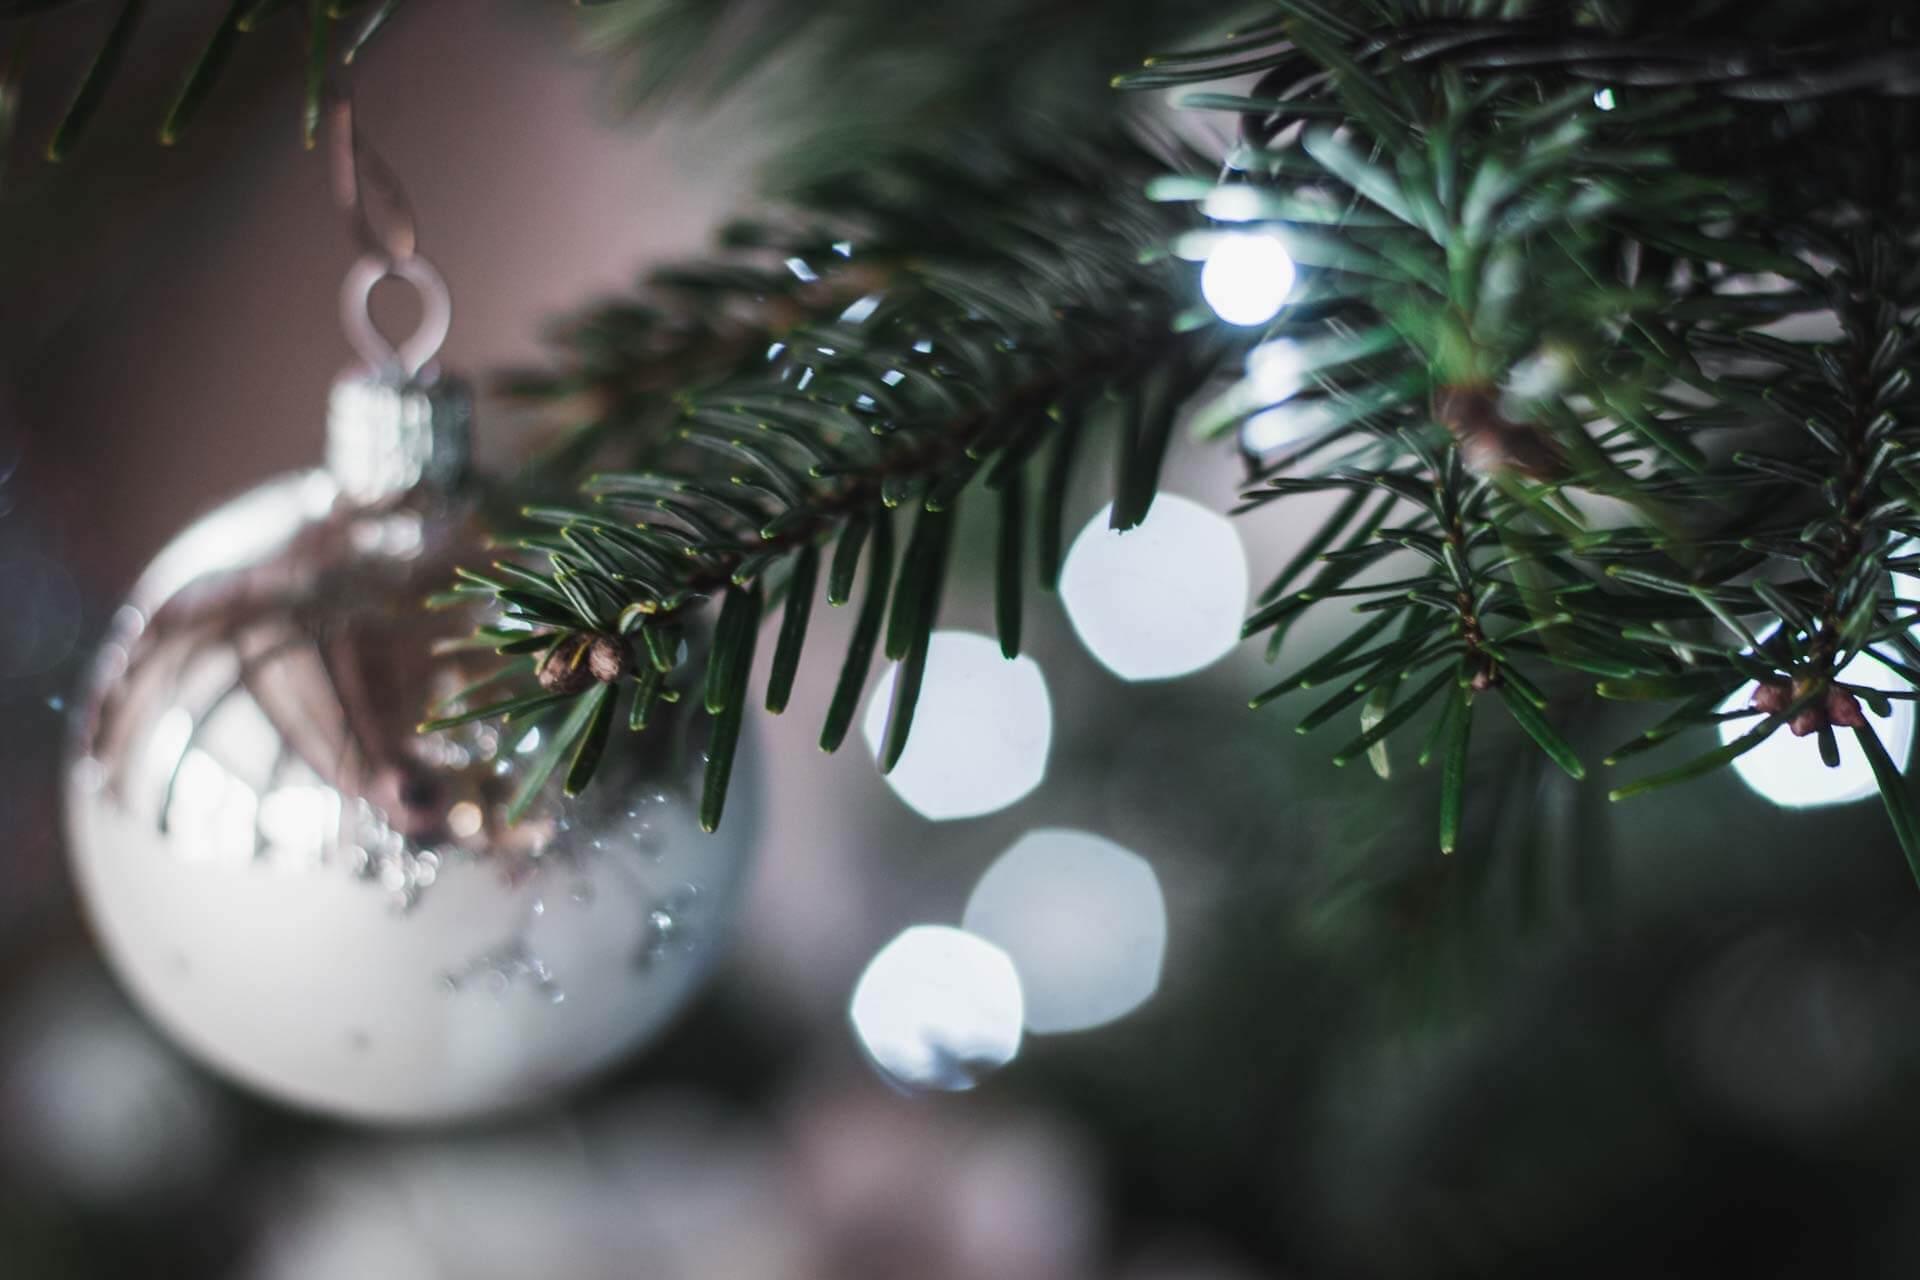 Foto ke článku 6, Vánoce, víno, štědrý den, štědrovečerní večeře